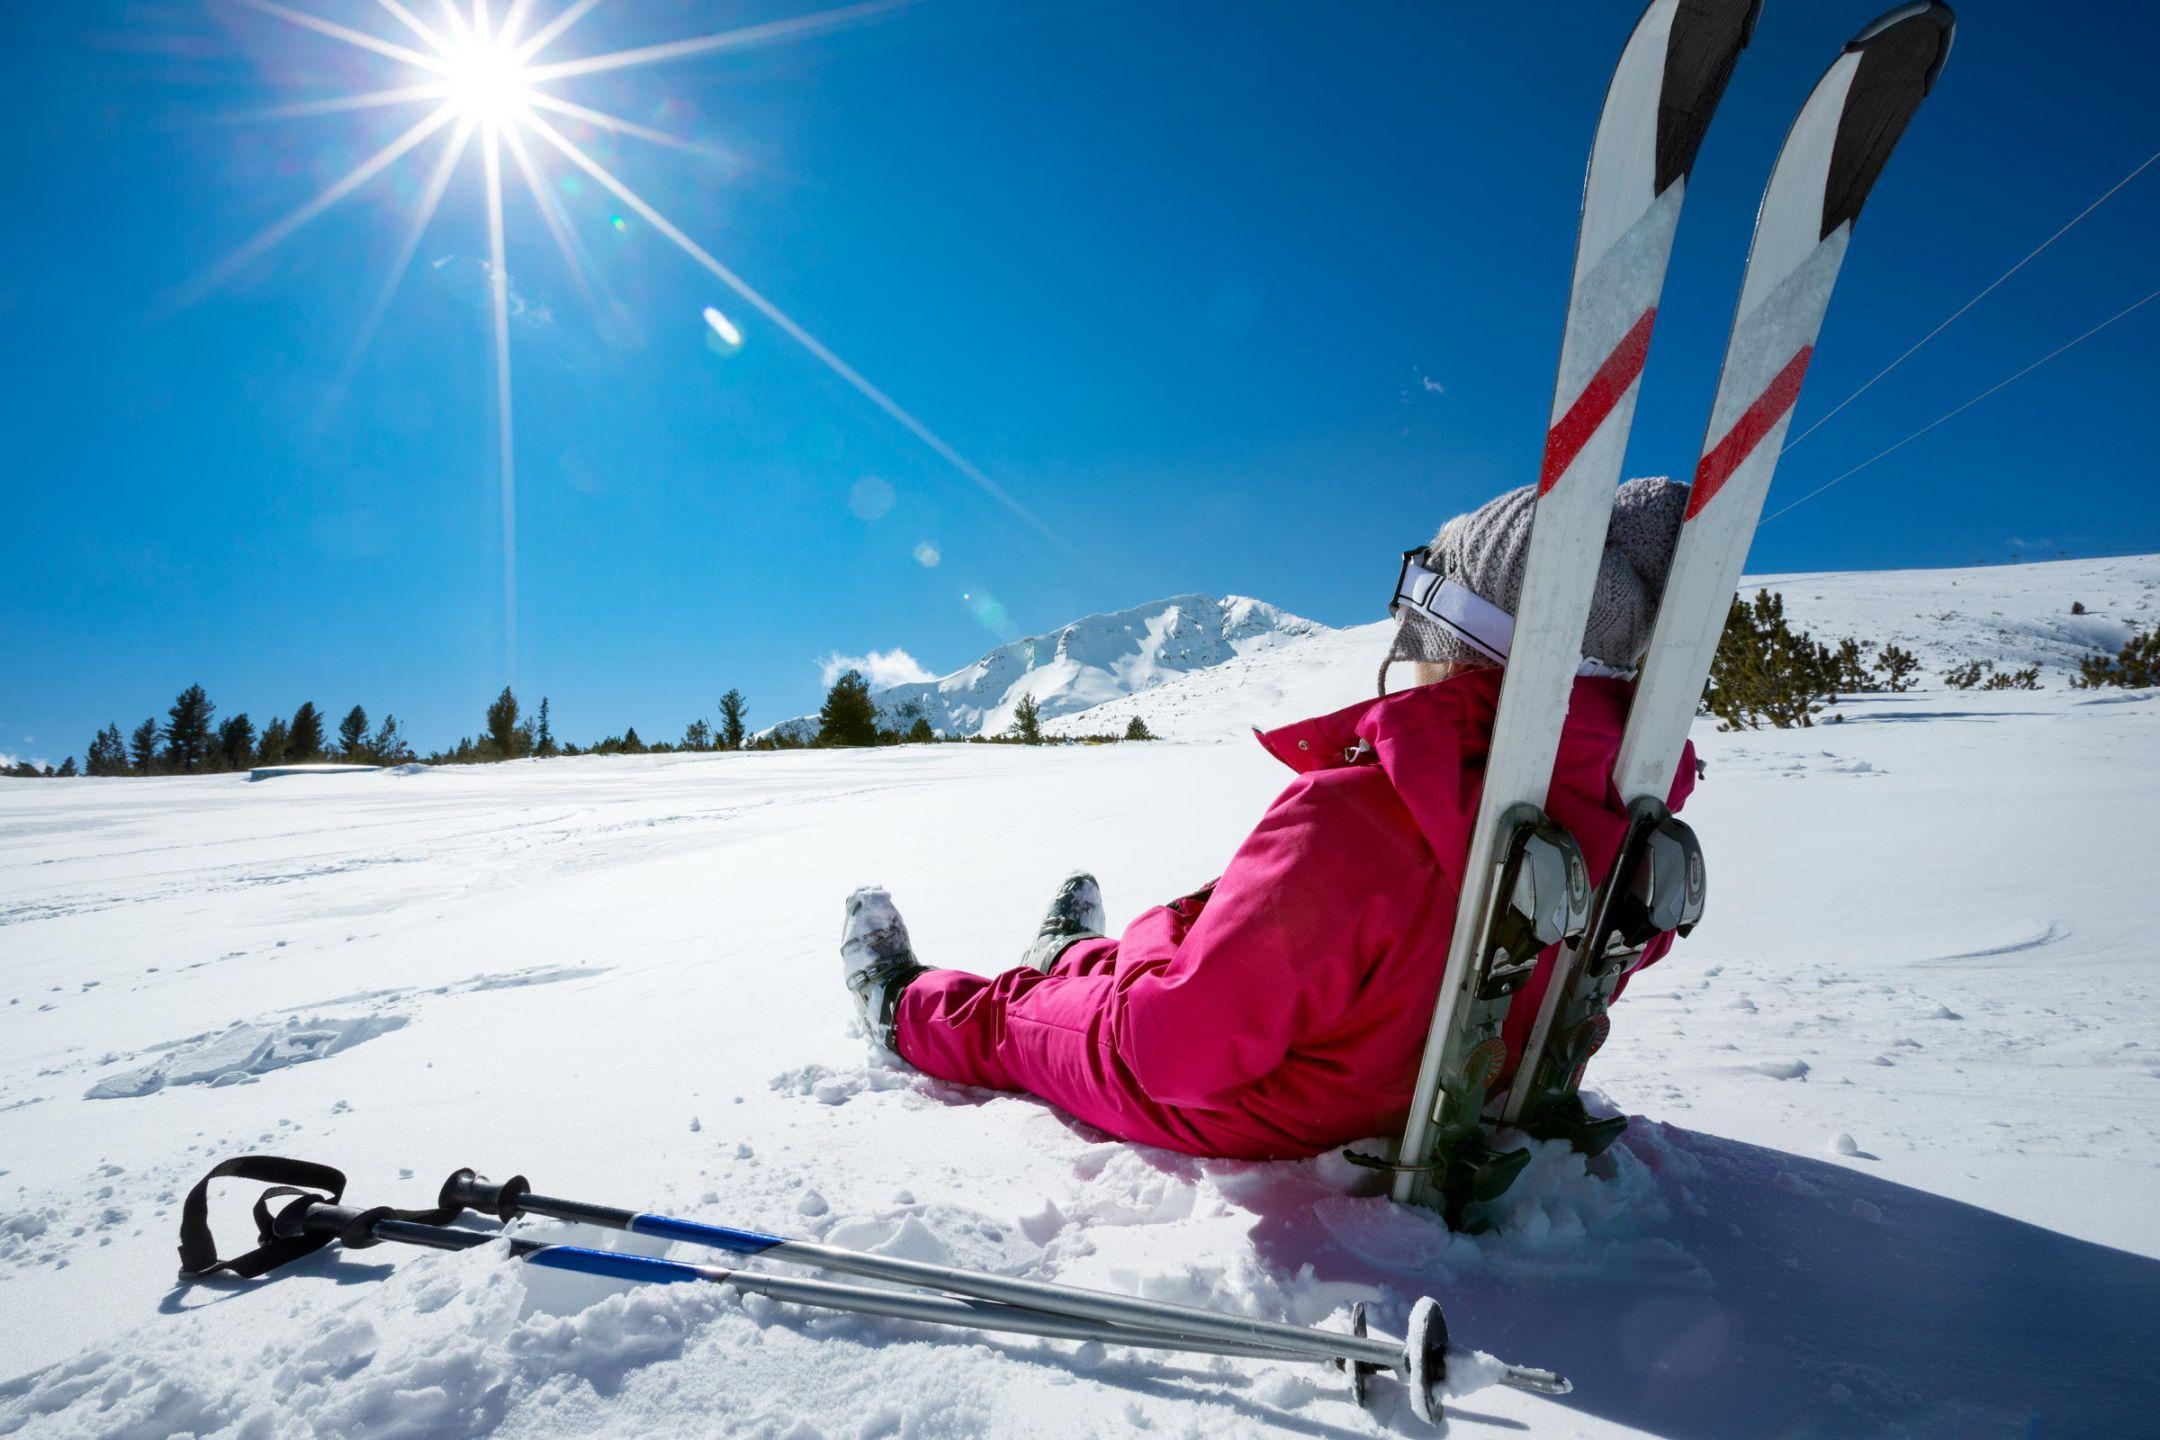 Το Μπάνσκο, άλλοτε κοινότητα κυρίως κτηνοτρόφων και ταξιδευτών εμπόρων, έχει γίνει διεθνές κέντρο χειμερινού και θερινού τουρισμού. Οι κορυφές των βουνών κοντά στην πόλη, οι πολυάριθμες λίμνες και τα αιωνόβια πευκοδάση το καθιστούν δημοφιλή περιοχή για αναψυχή.